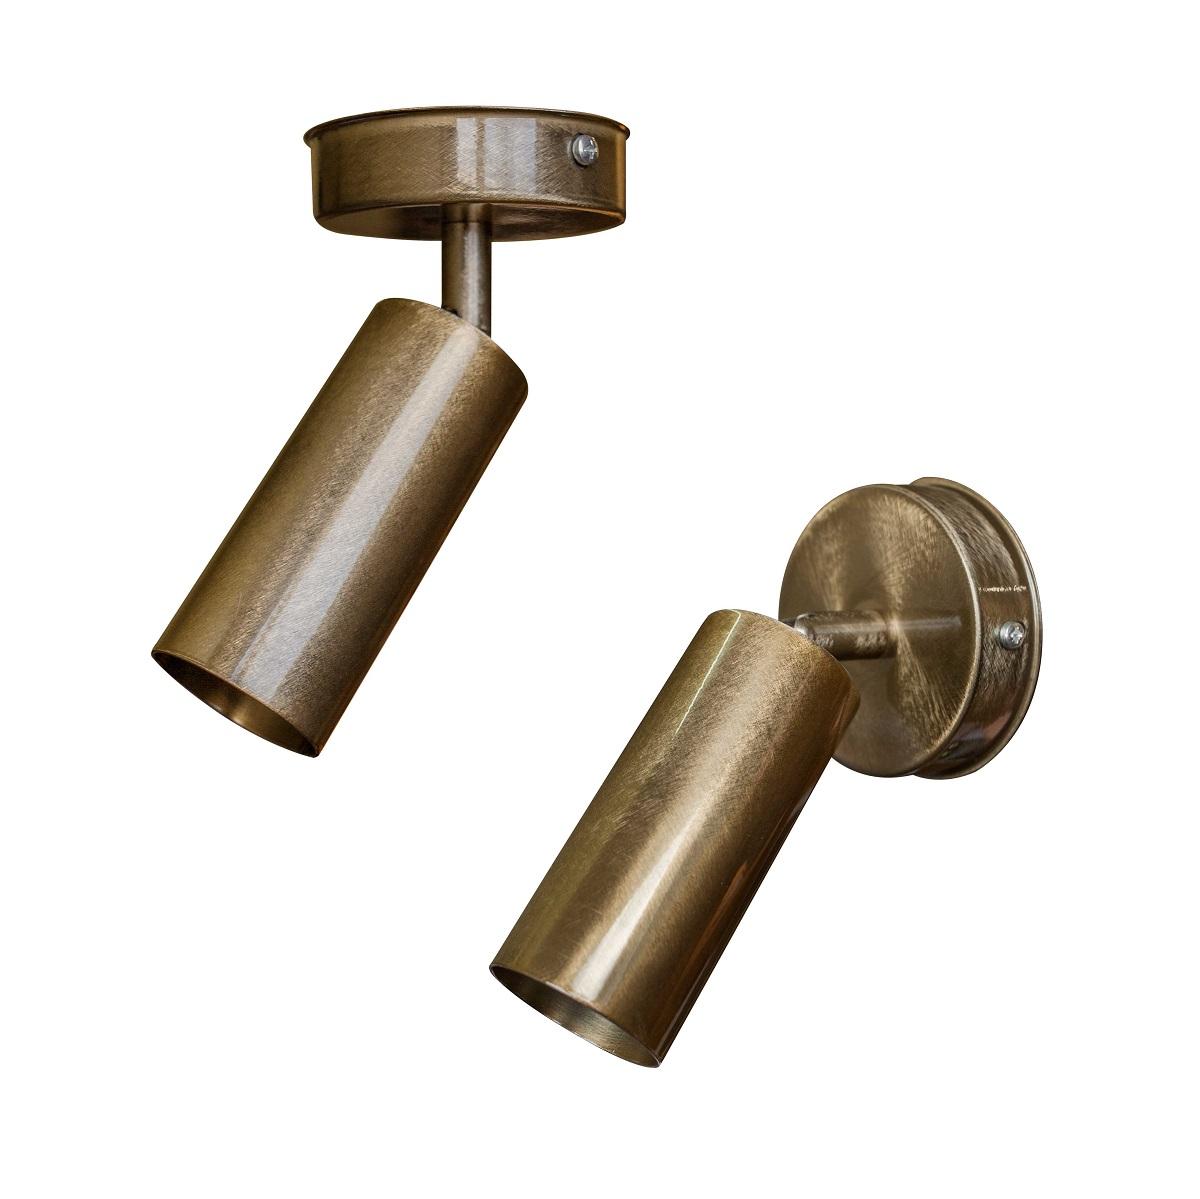 Світильники ЛОФТ - Люстра лофт потолочная с поворотным плафоном 000002760 - Фото 2